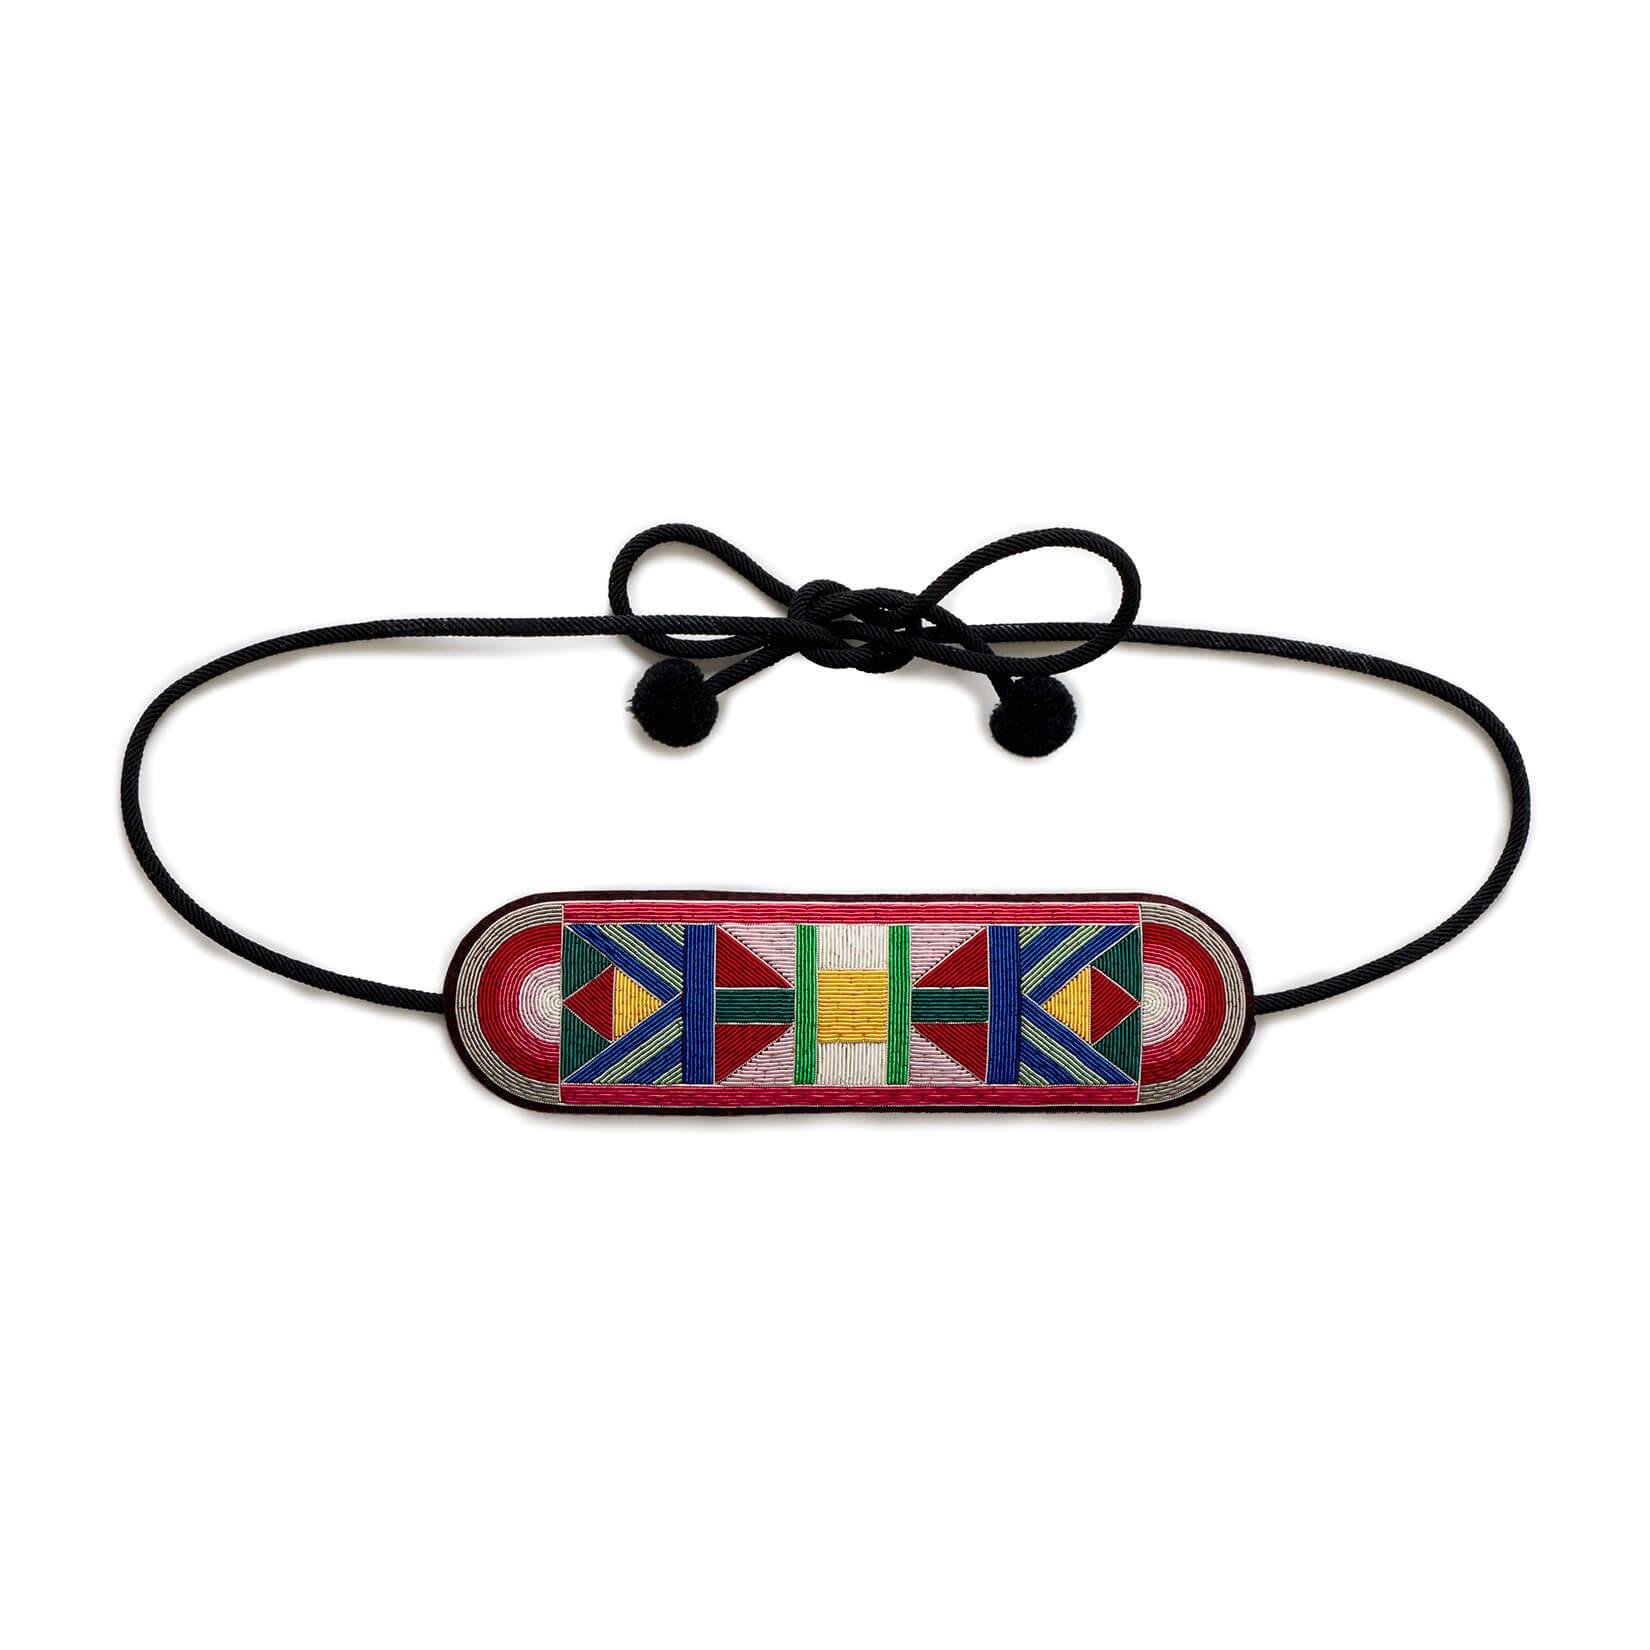 印度丝徽章手工刺绣艺术装饰腰带,G&L设计的皮带将为您最清醒的服装和其他黑色小礼服配饰。